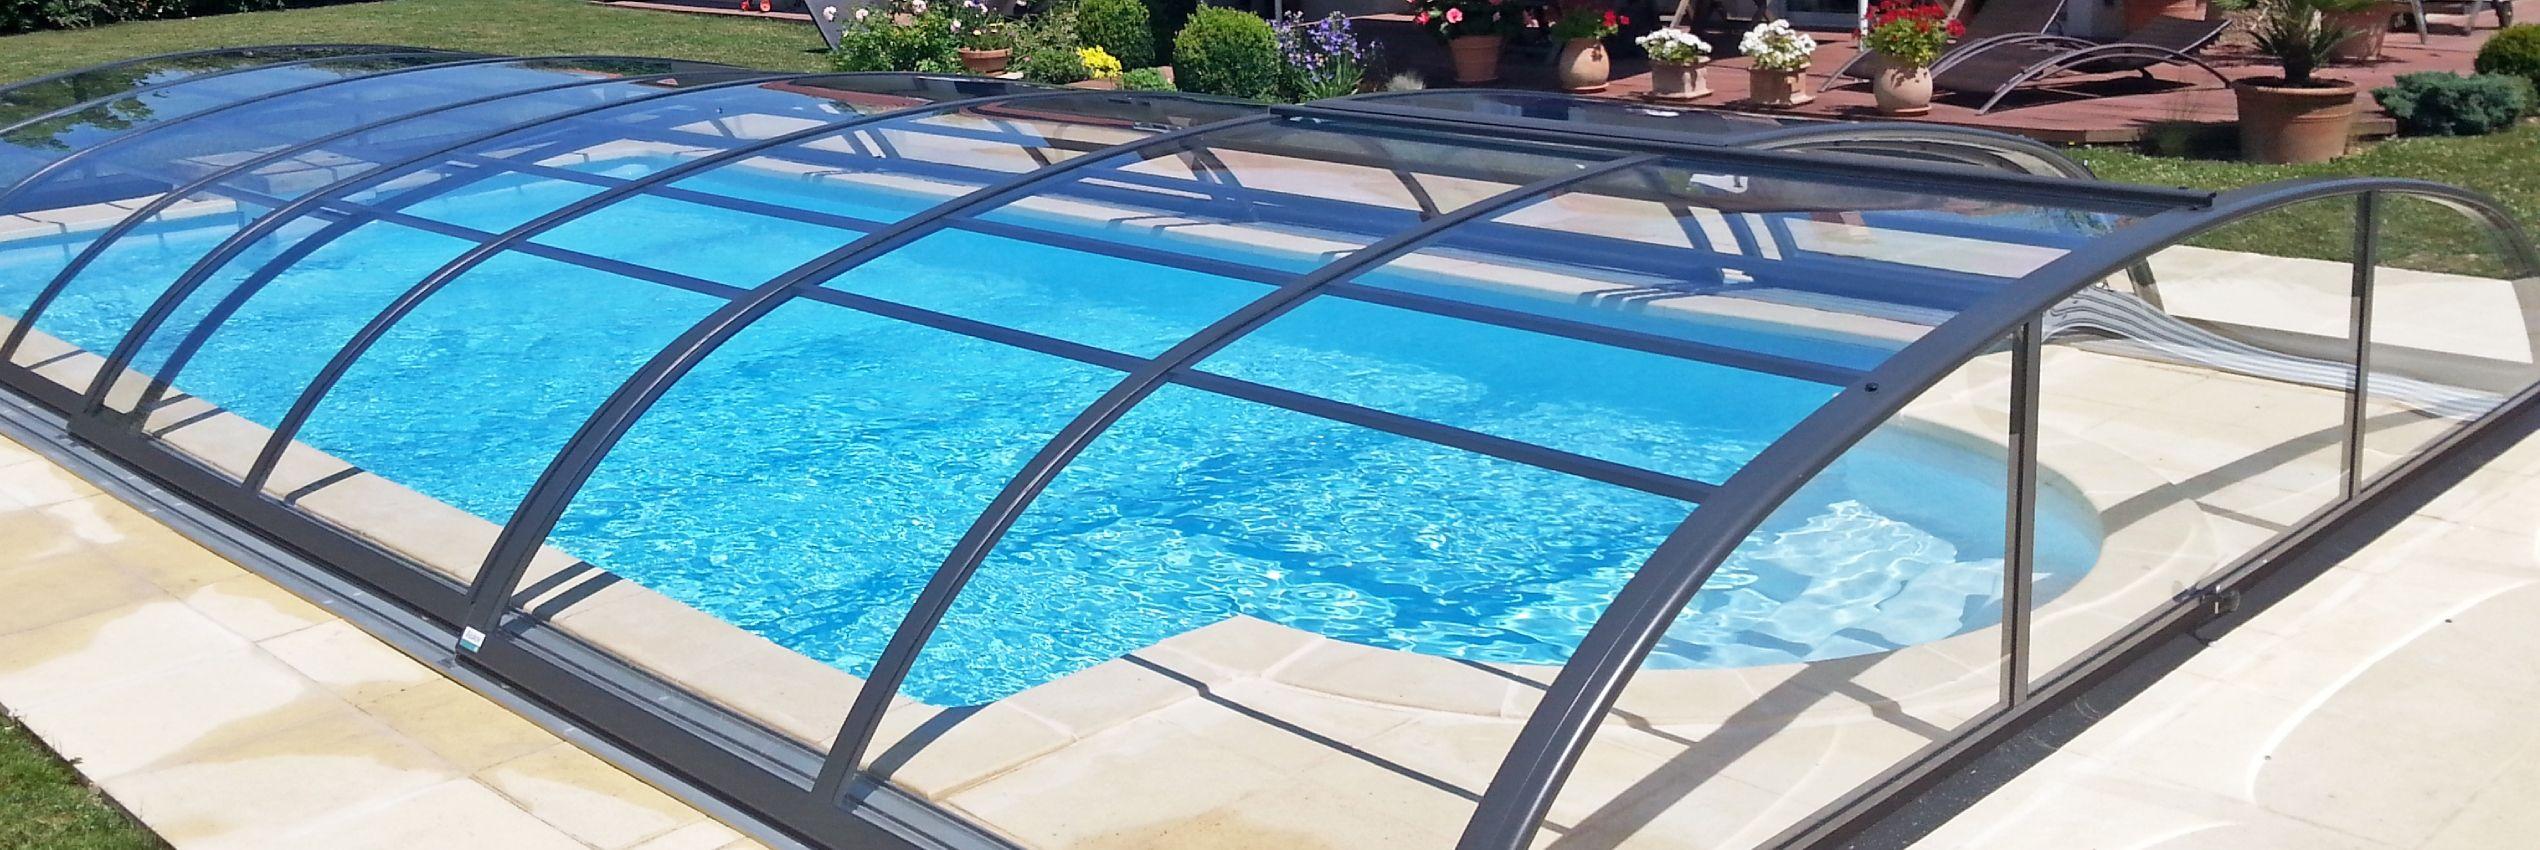 Zastřešení bazénů Azure Flat kompakt